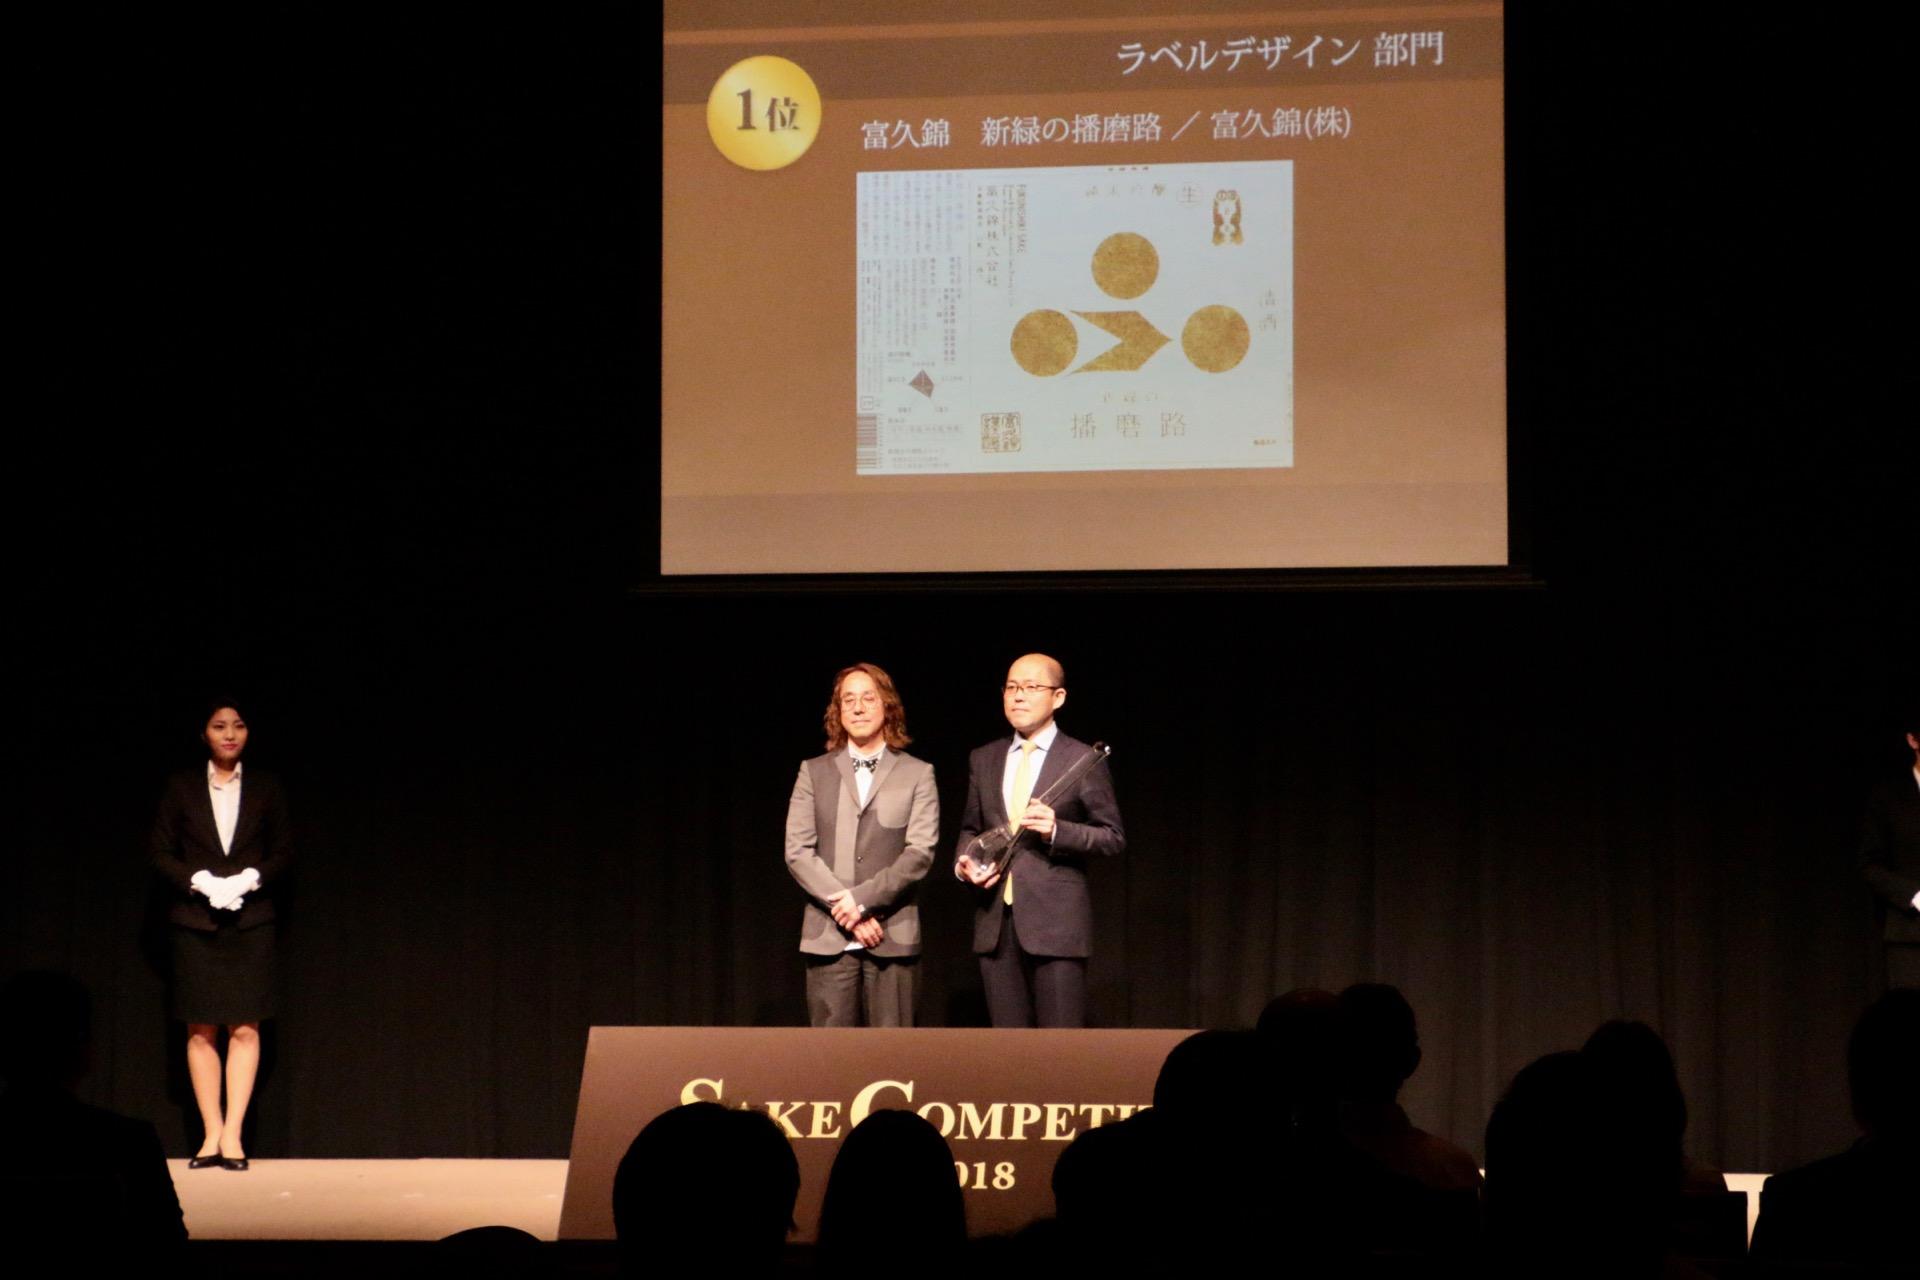 ラベルデザイン部門1位「富久錦」稲岡敬之さんがラベルに込める思い|Sake Competition 2018